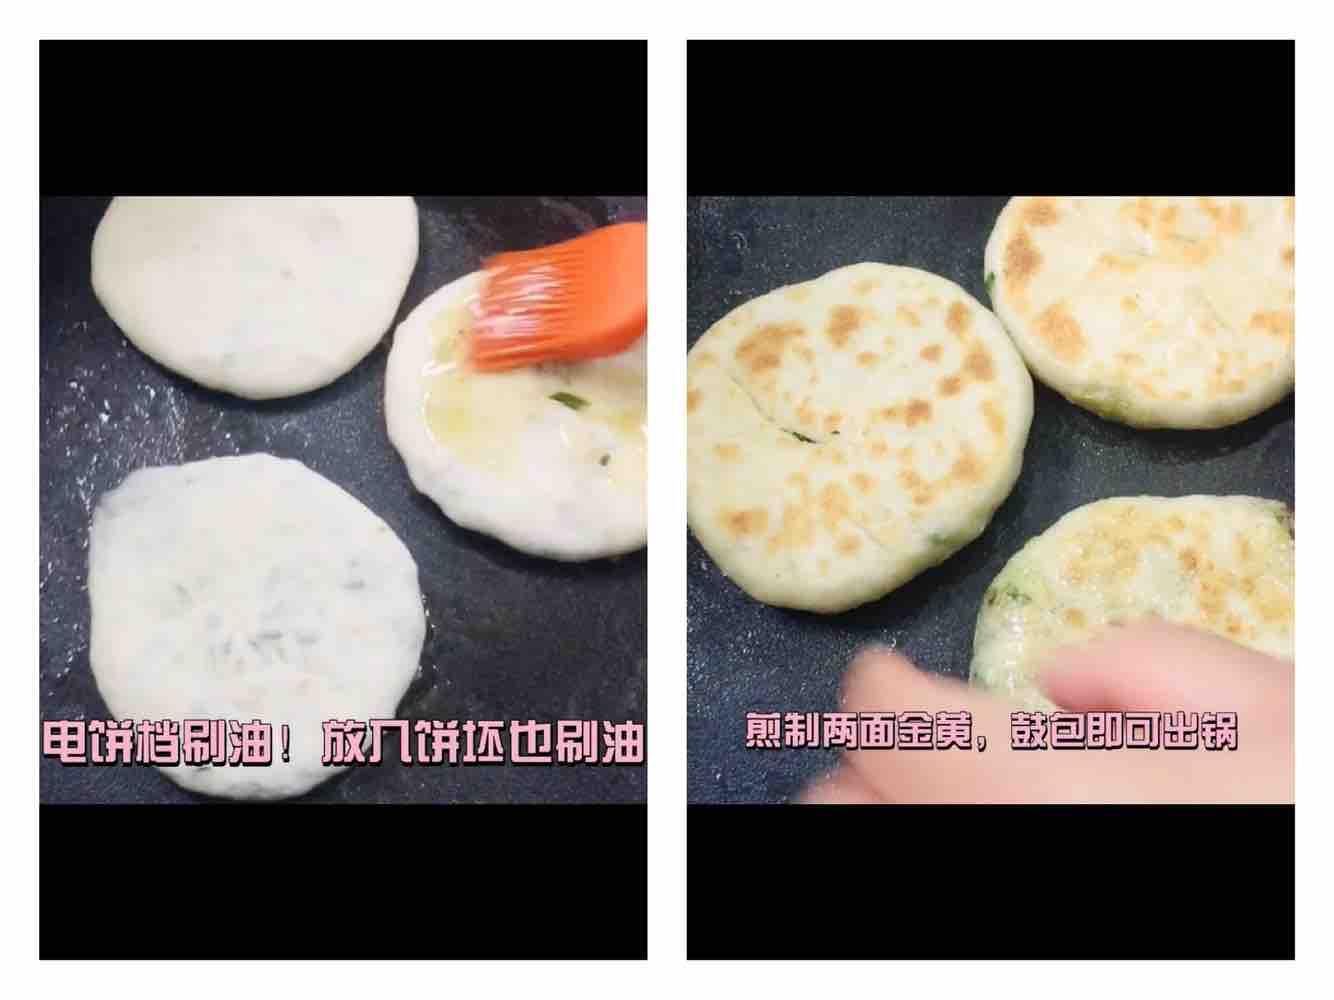 这样做菜合!凉了也不硬!韭菜鸡蛋粉条菜合怎么吃